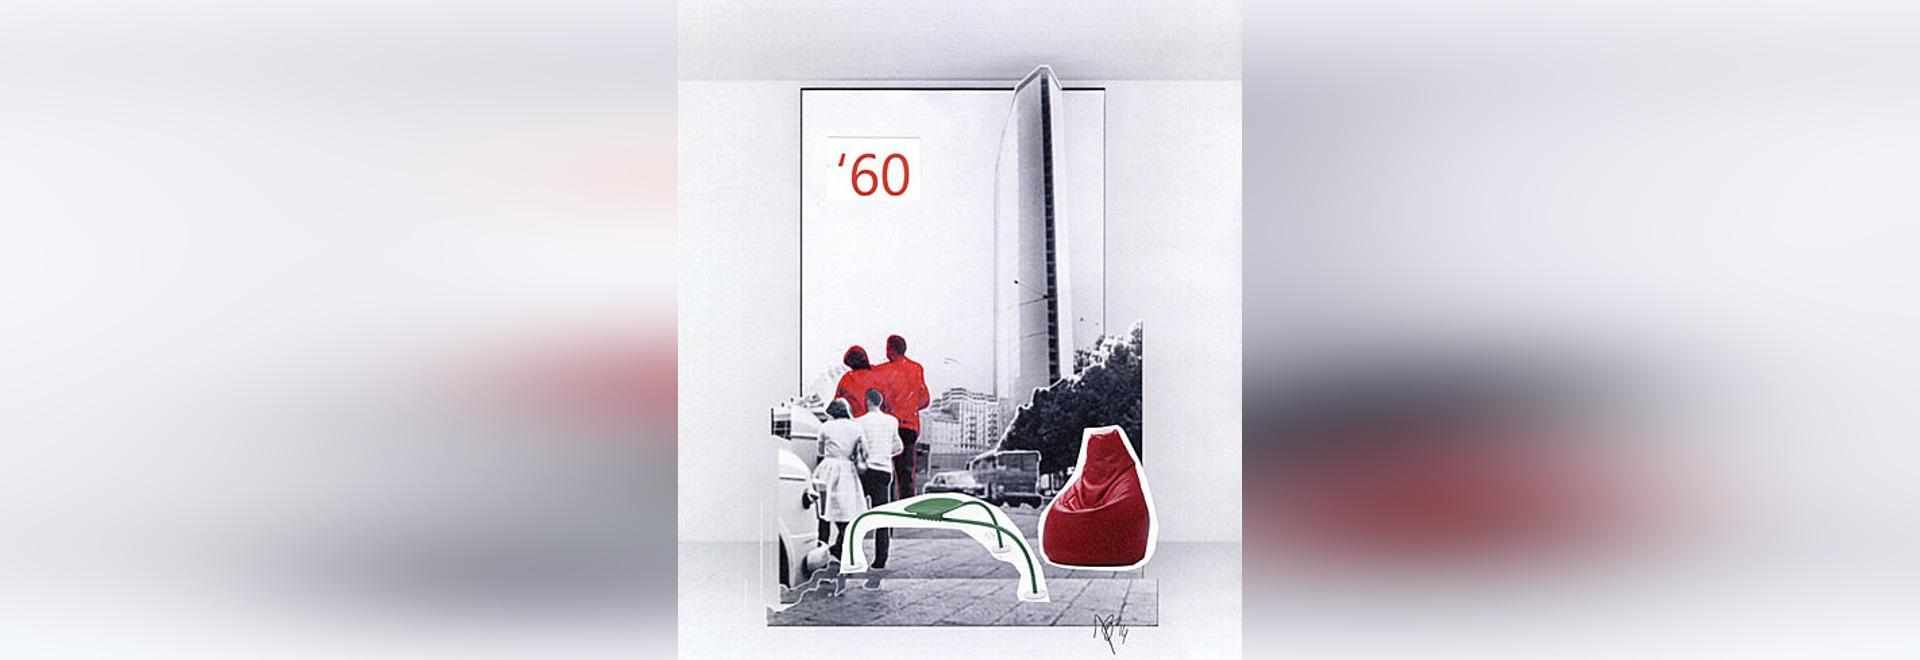 60 años de Zanotta en Interieur 2014